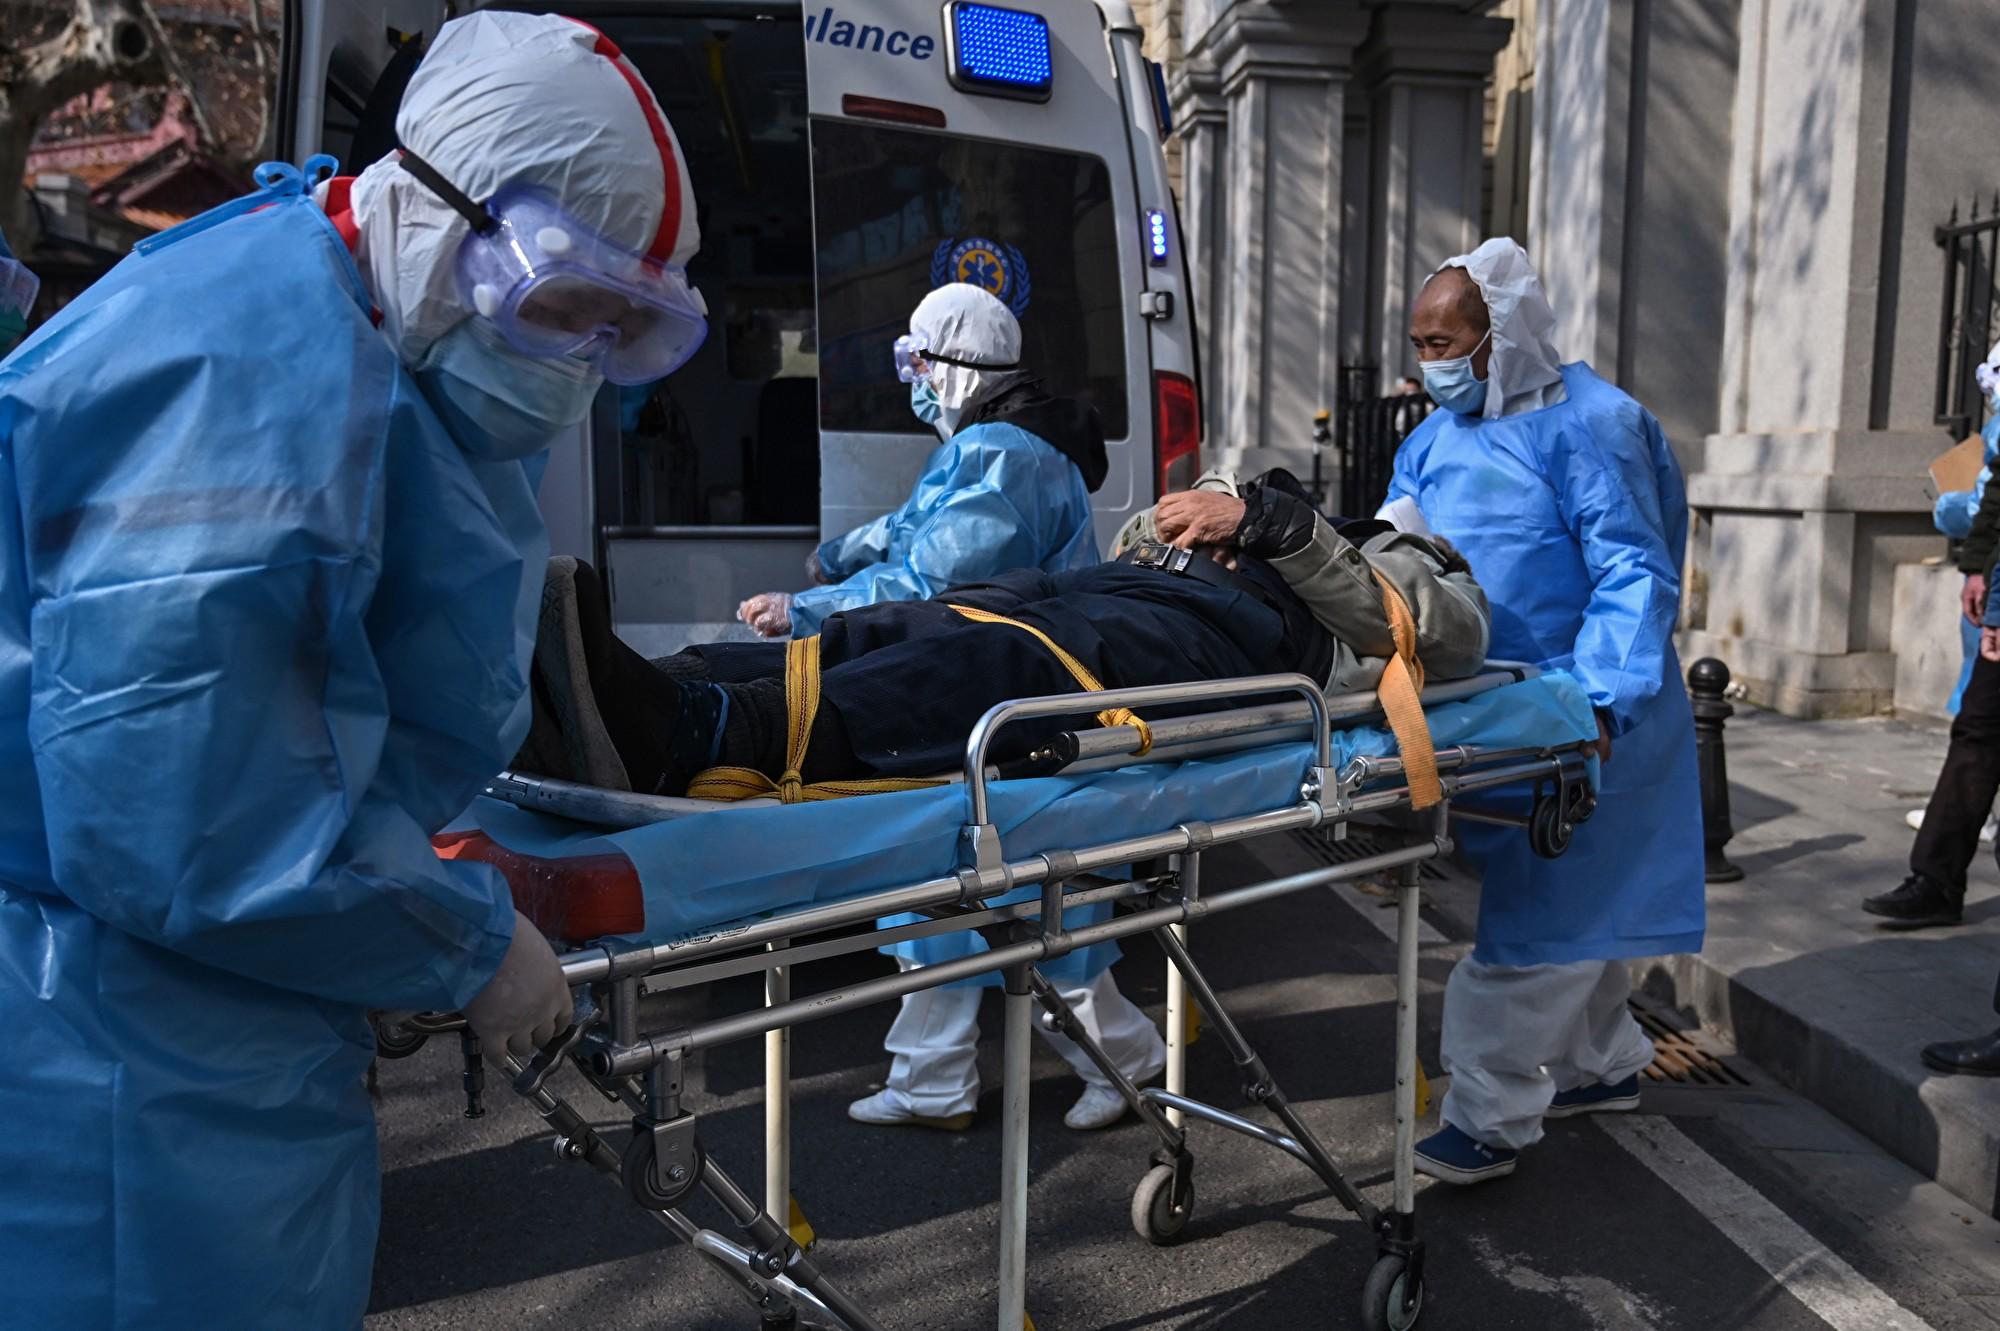 網傳疑似肺炎病人上班忽倒地不起的駭人畫面